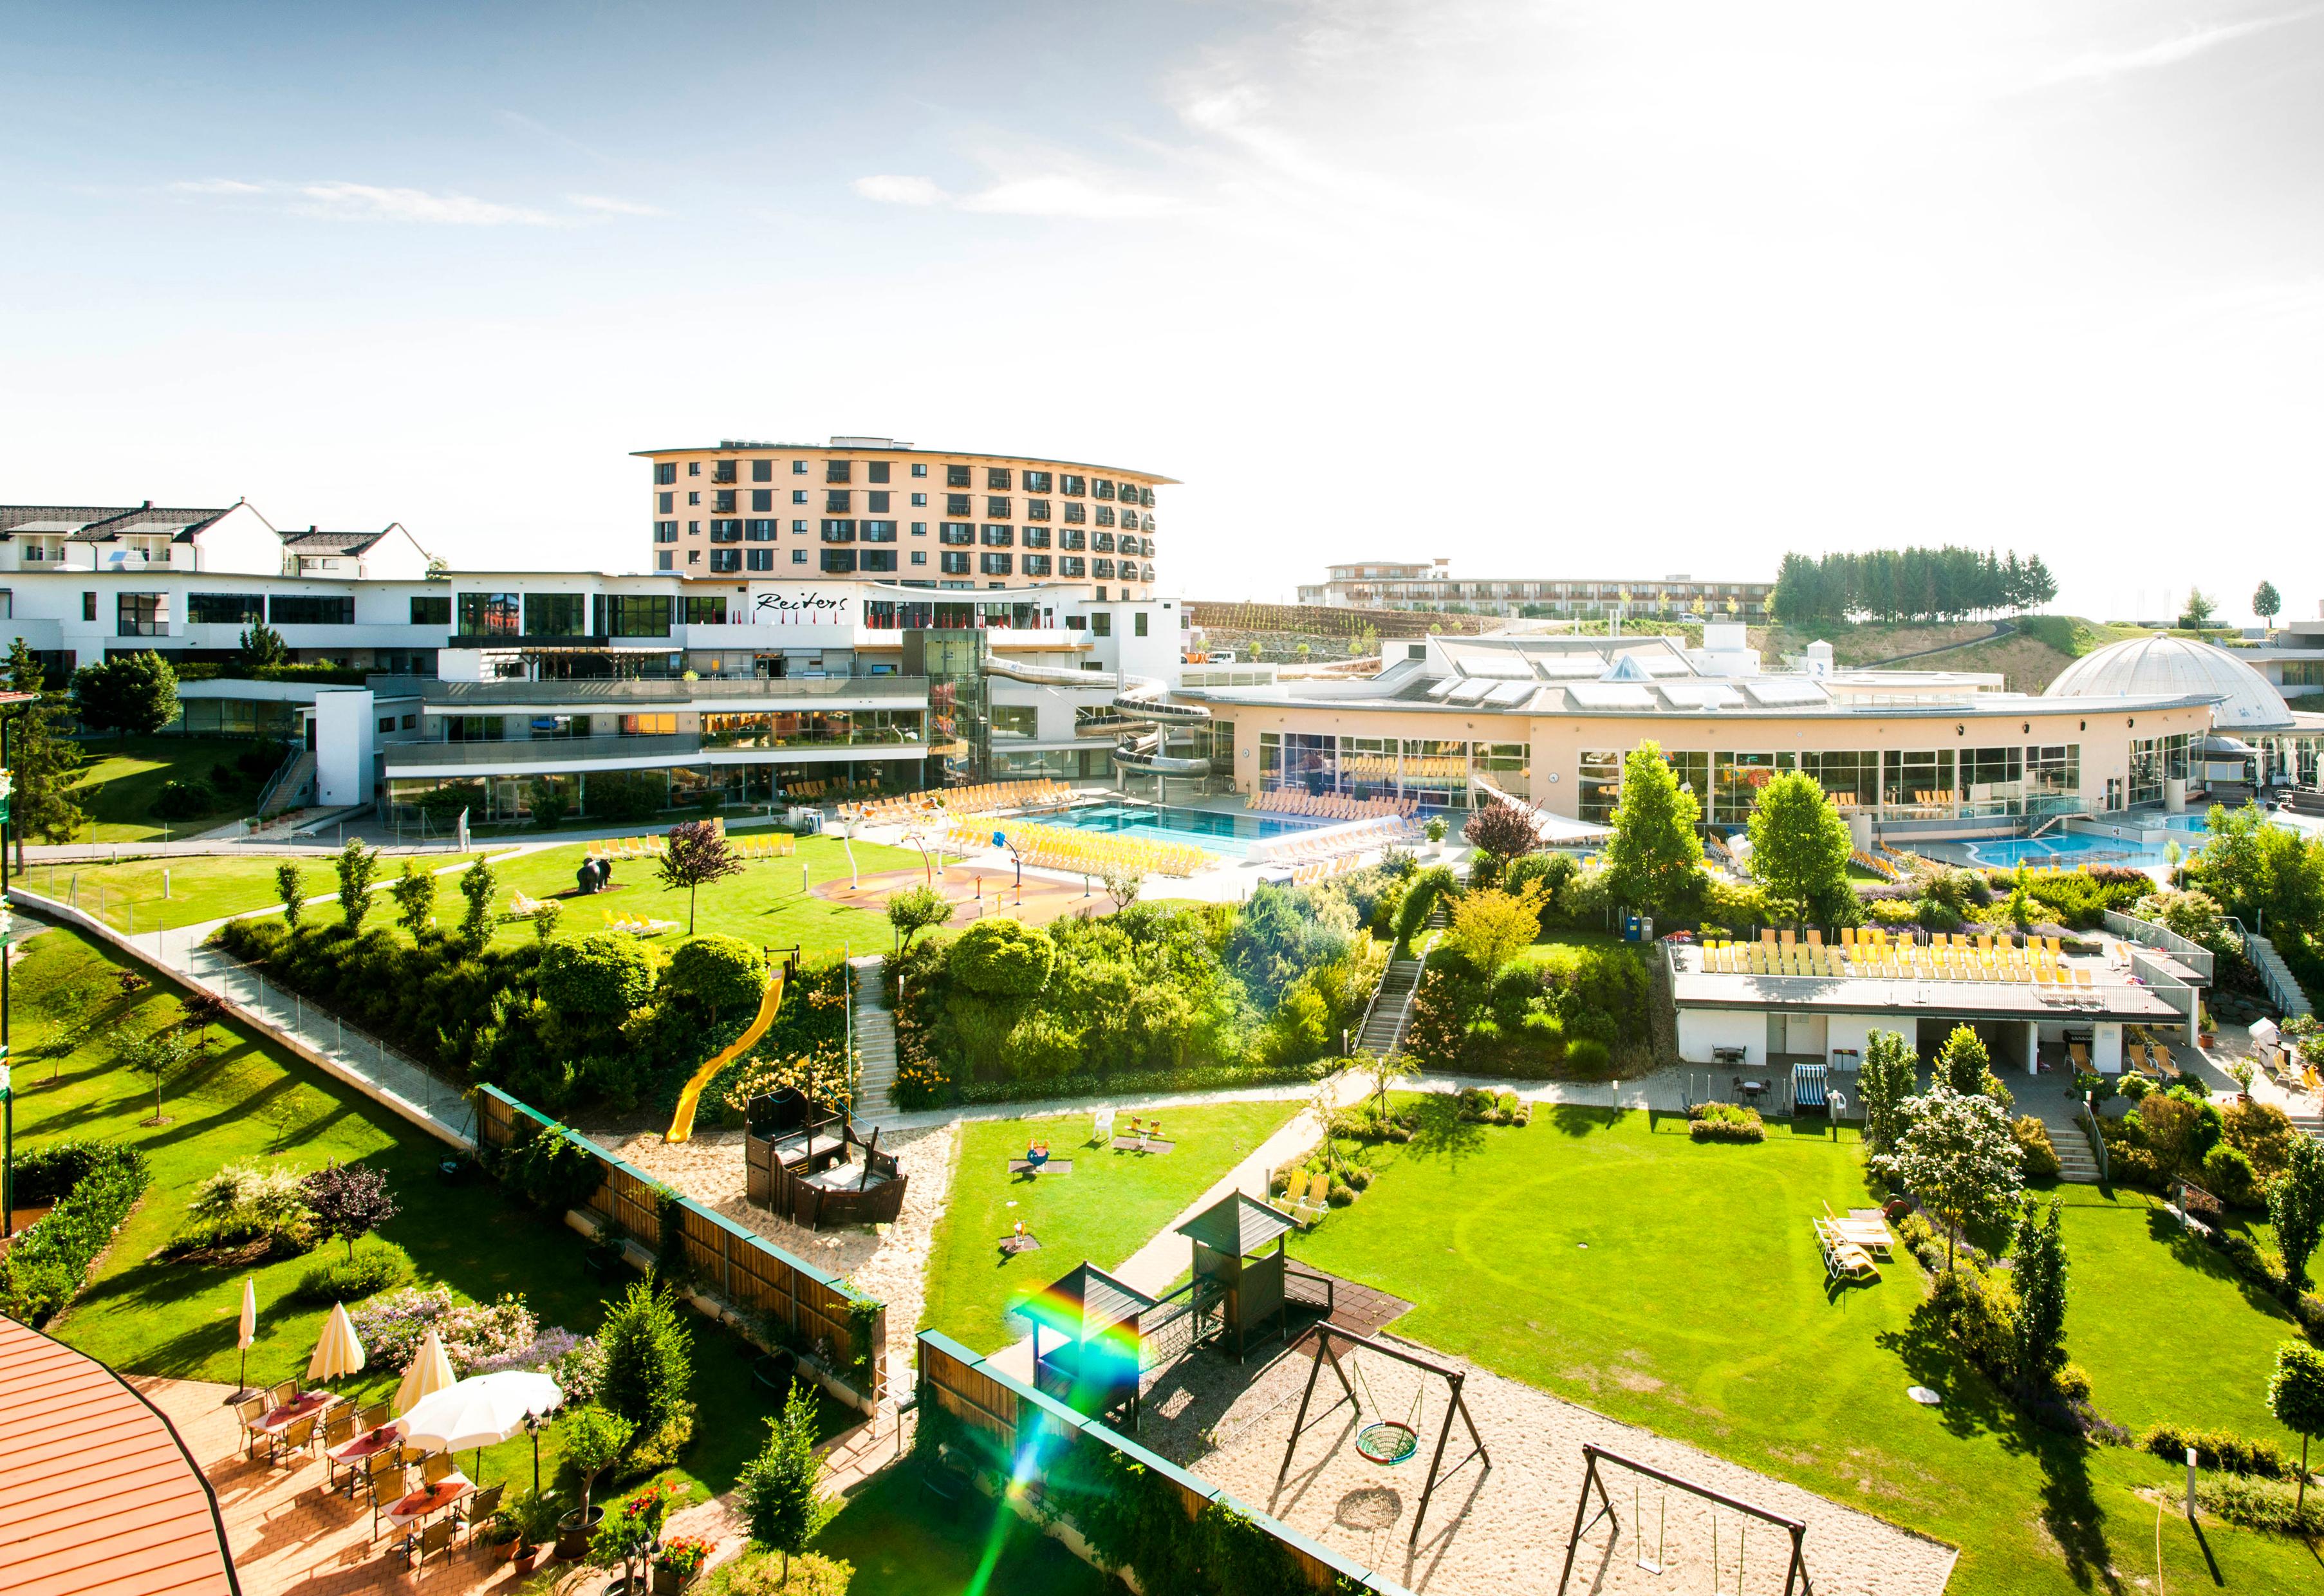 Außenansicht des Seminarhotel Stegersbach: Allegria Resort Stegersbach by Reiters 4*